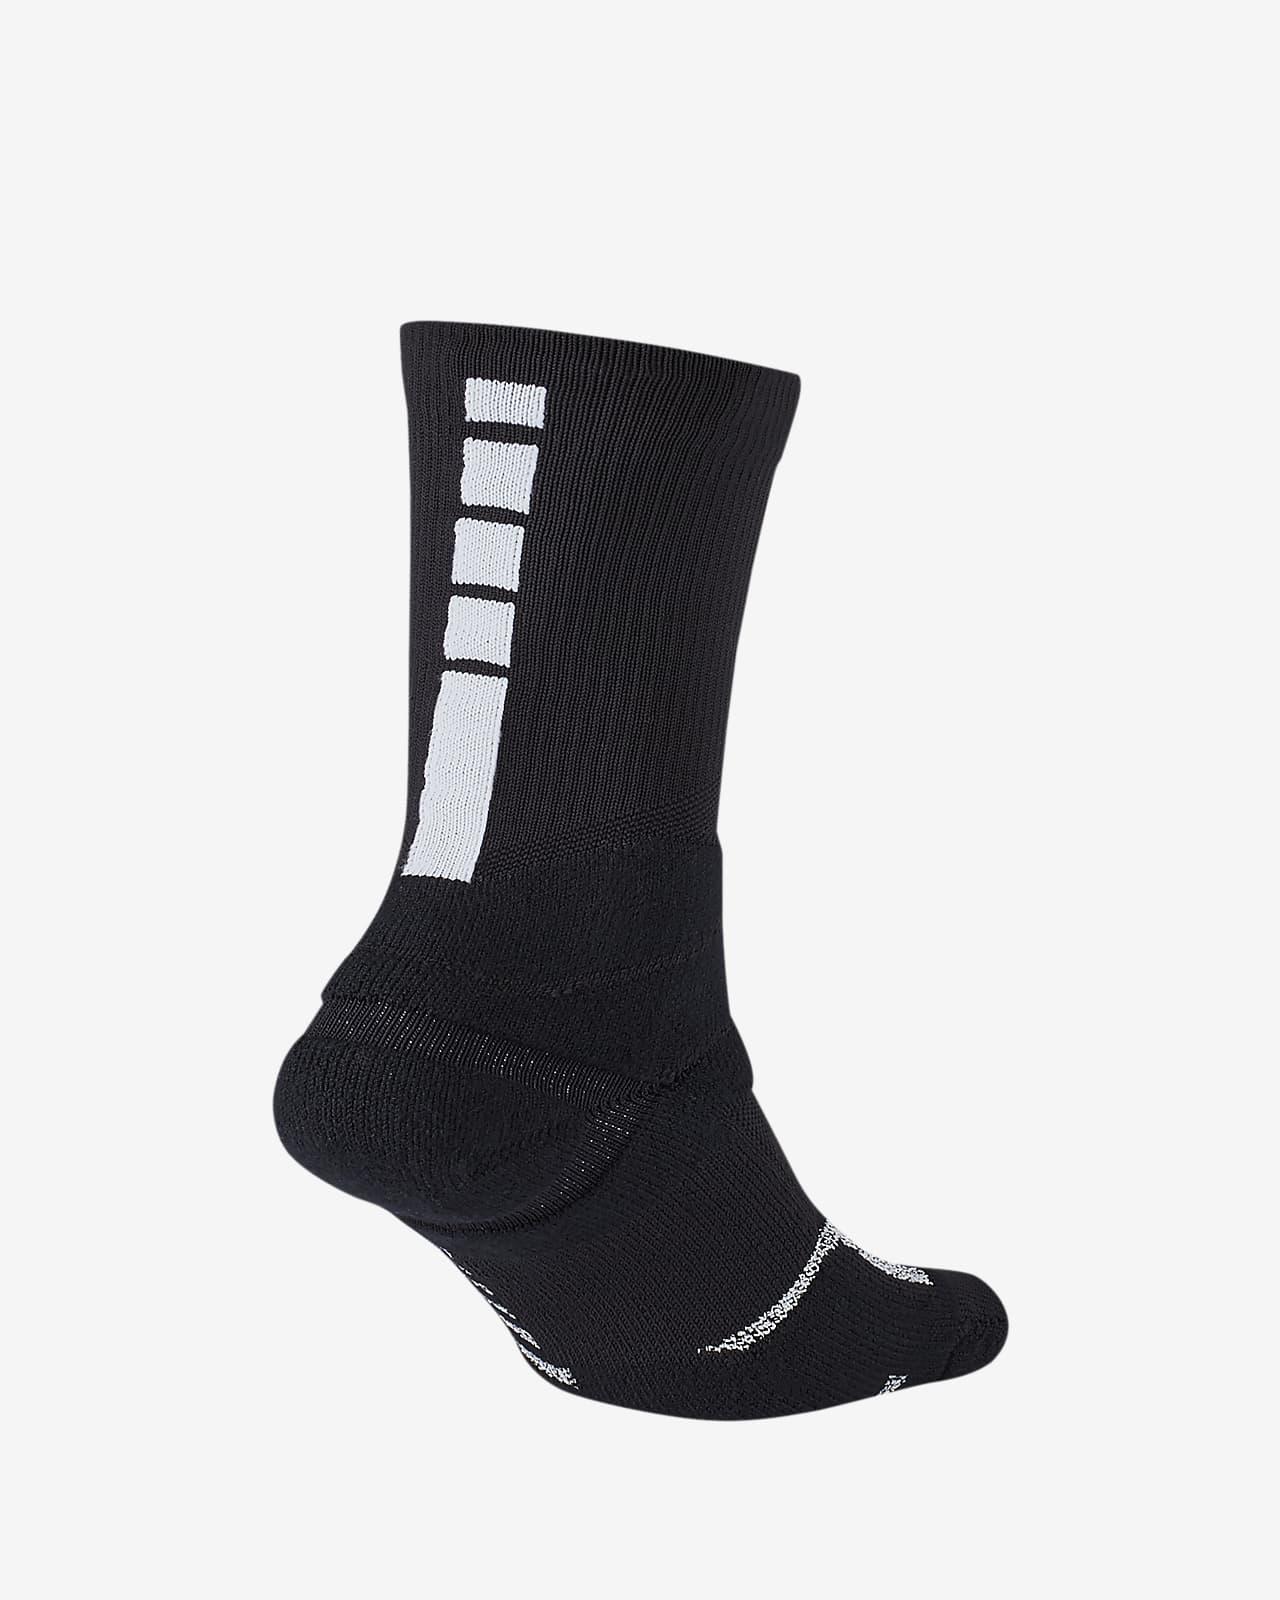 Calcetines largos de la NBA NikeGrip Power